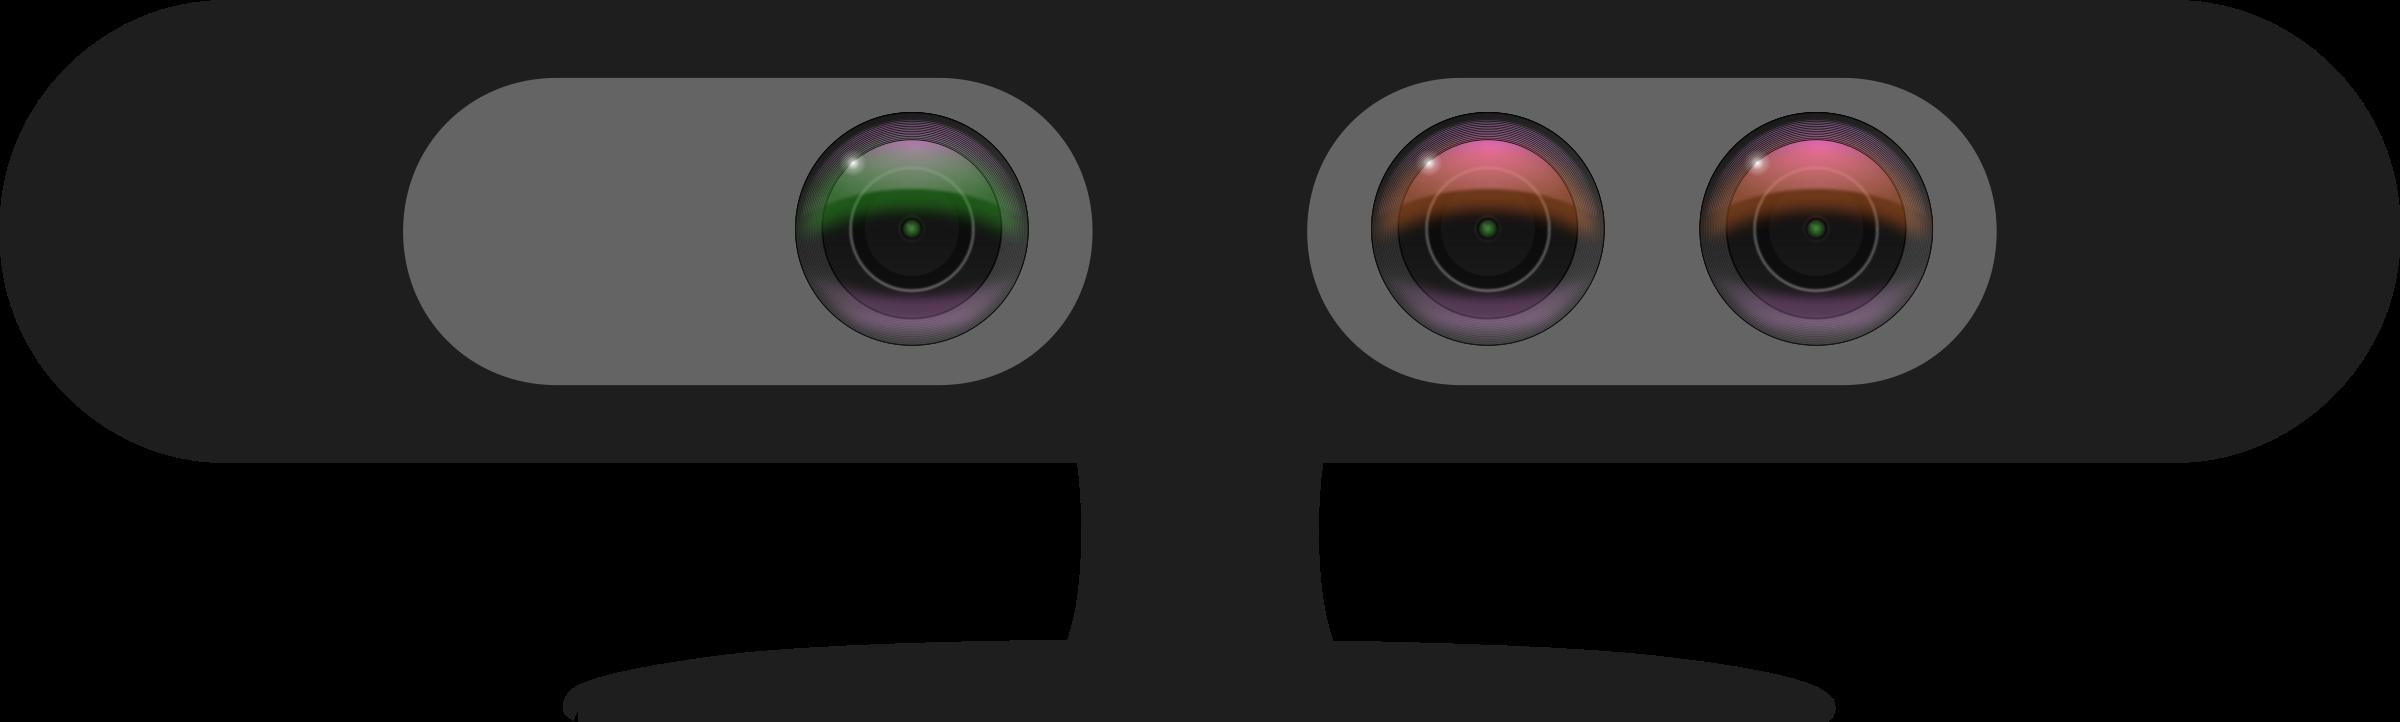 camera clipart png